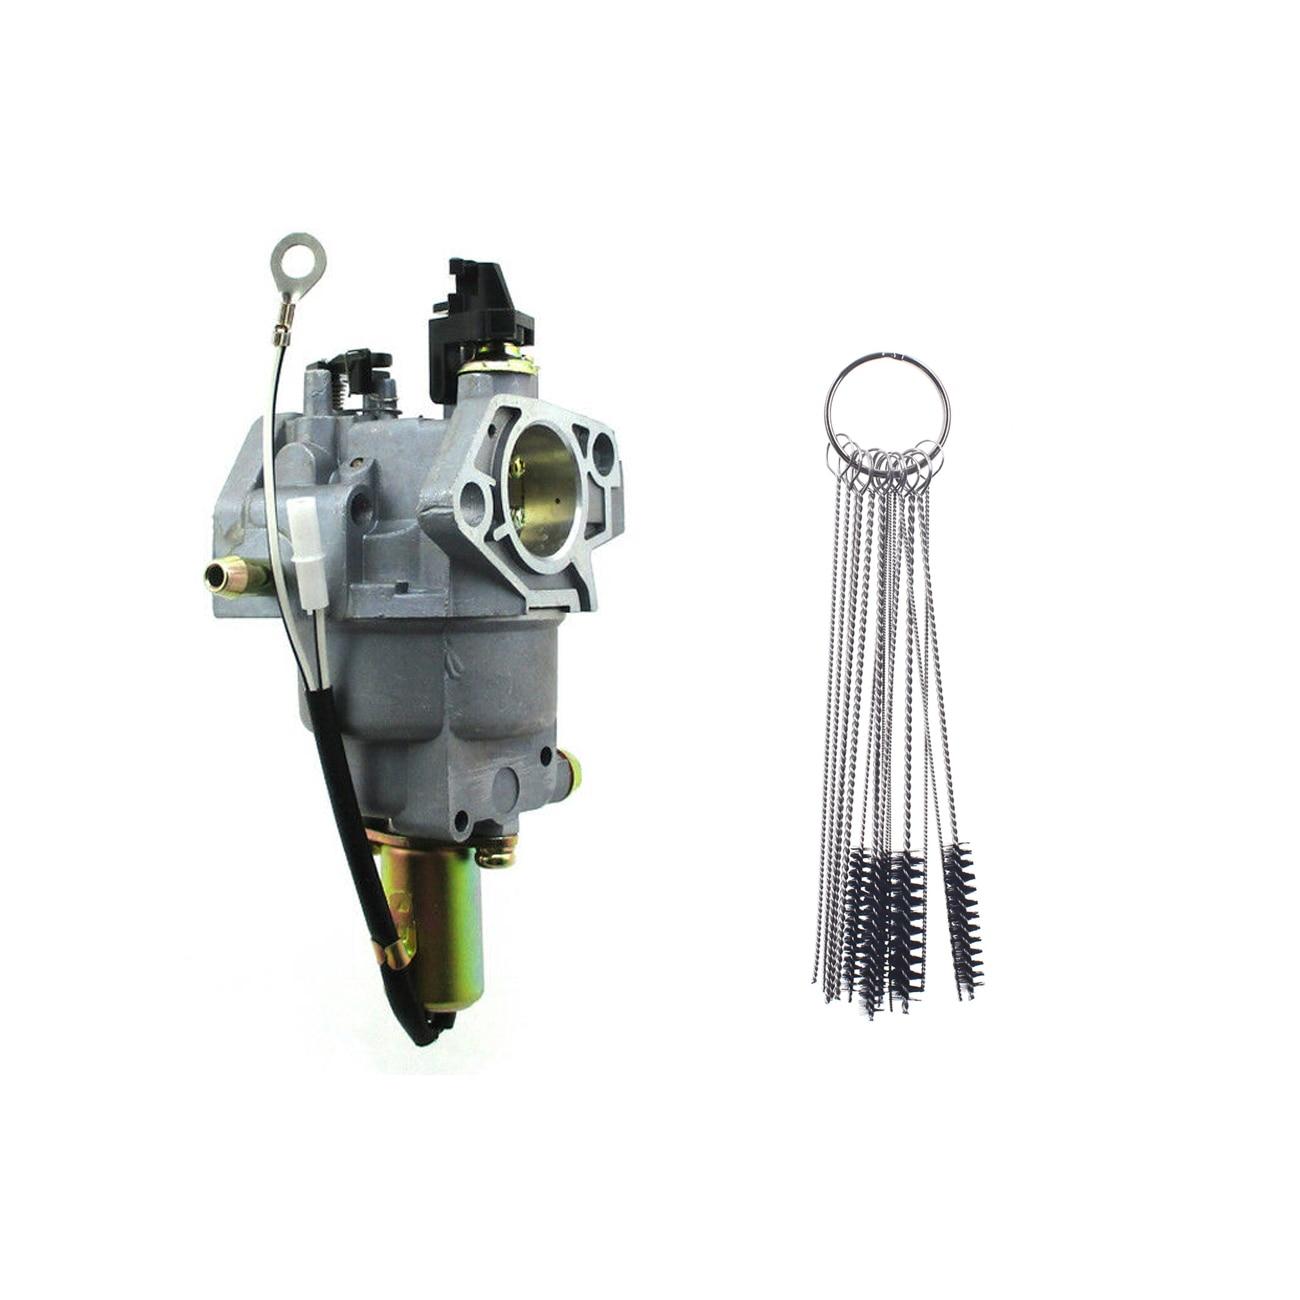 Carburateur convenable MTD 951-12771A 751-12771 751-12771A 751-12823 brosse de nettoyage